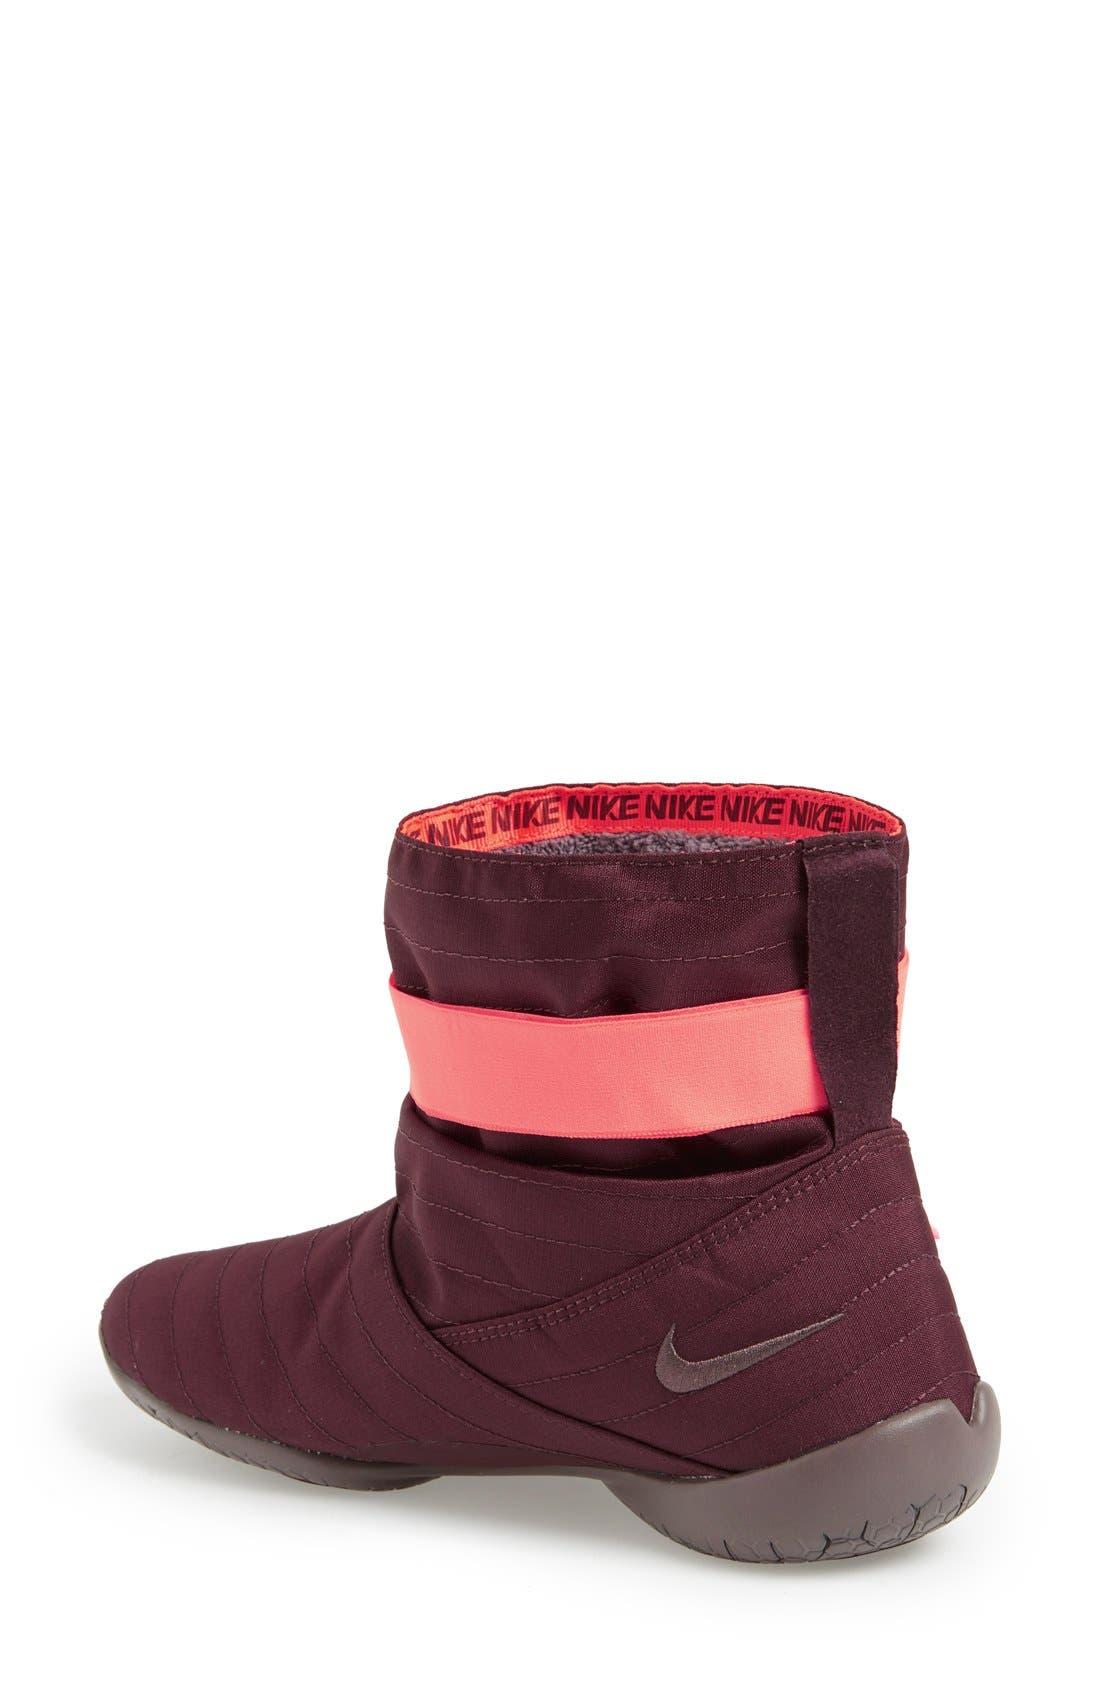 NIKE,                             'Studio Mid Pack' Yoga Training Shoe,                             Alternate thumbnail 3, color,                             930